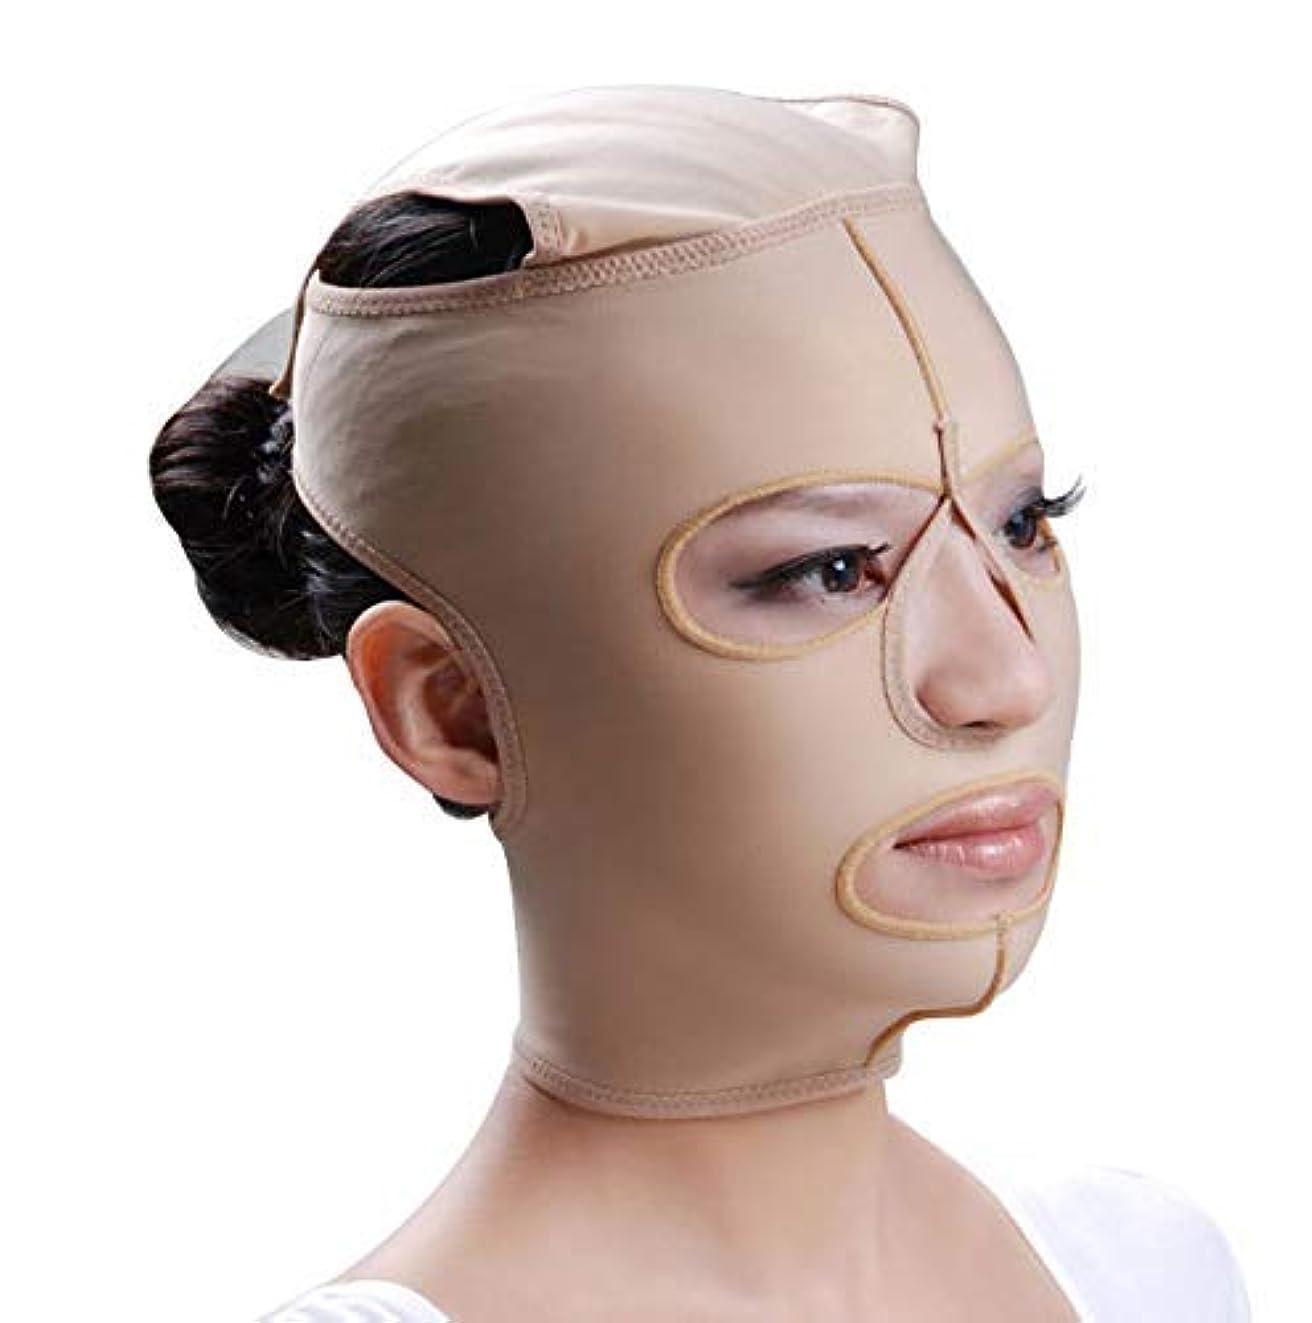 ゆでる事故一定ファーミングフェイスマスク、フェイシャルマスクエラスティックフェイスリフティングリフティングファーミングパターンマイクロフィニッシングポストモデリングコンプレッションフェイスマスク(サイズ:S),Xl